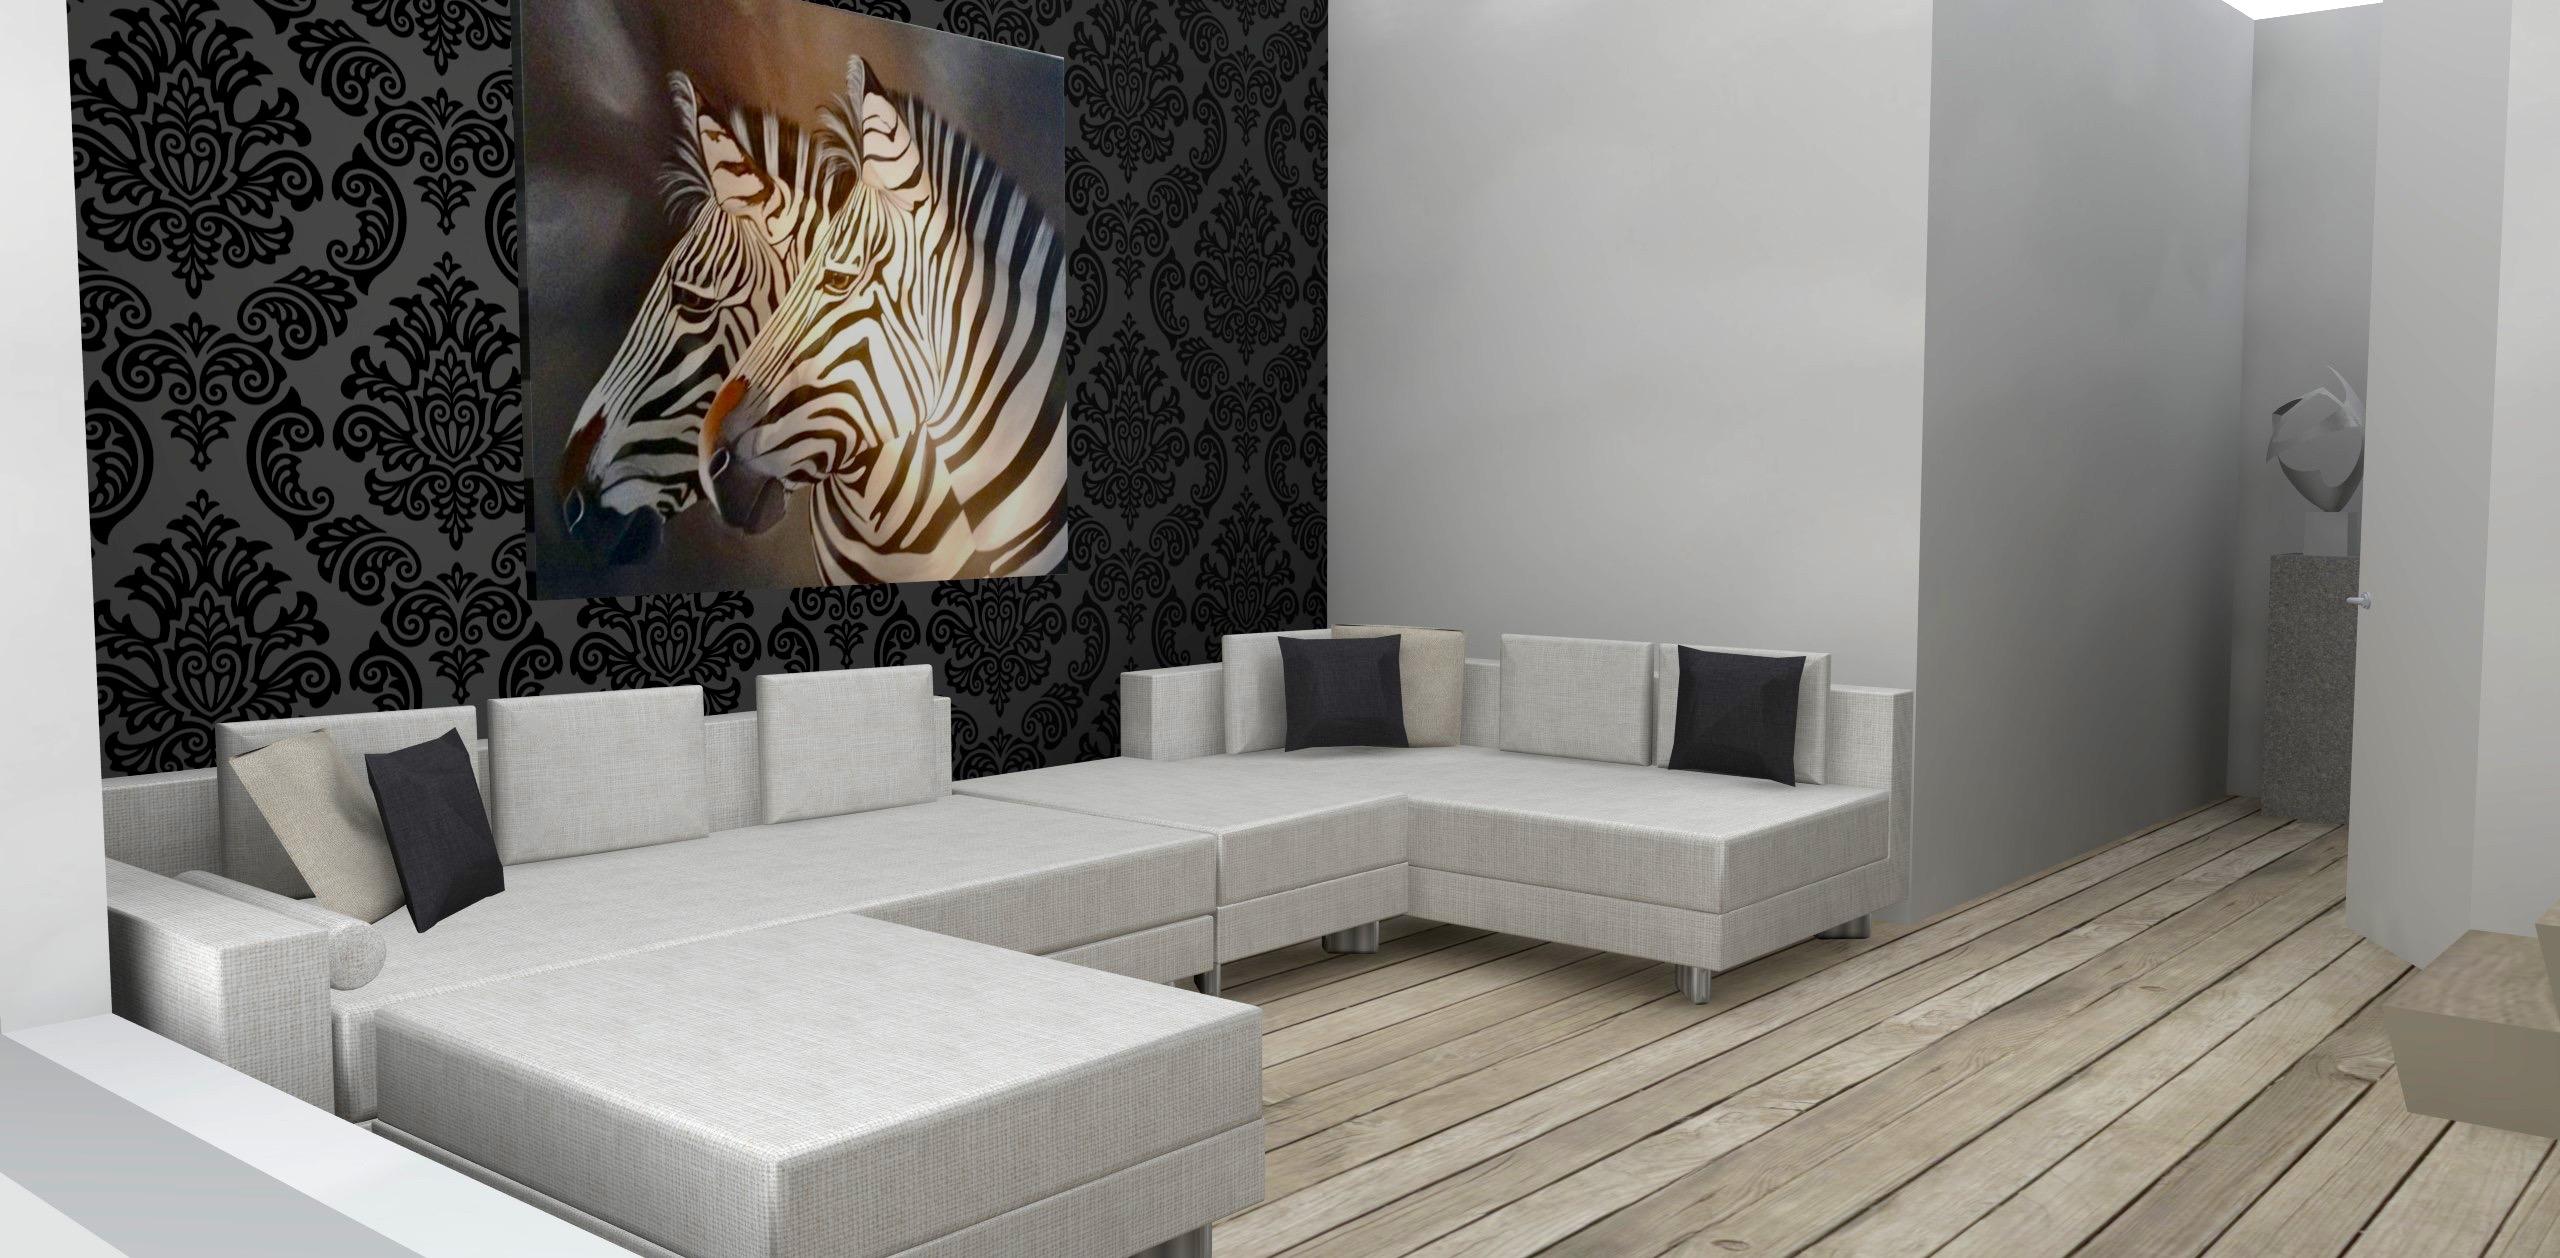 10 - ontwerp met meubelen 2015-06-23 10093000000 (1)